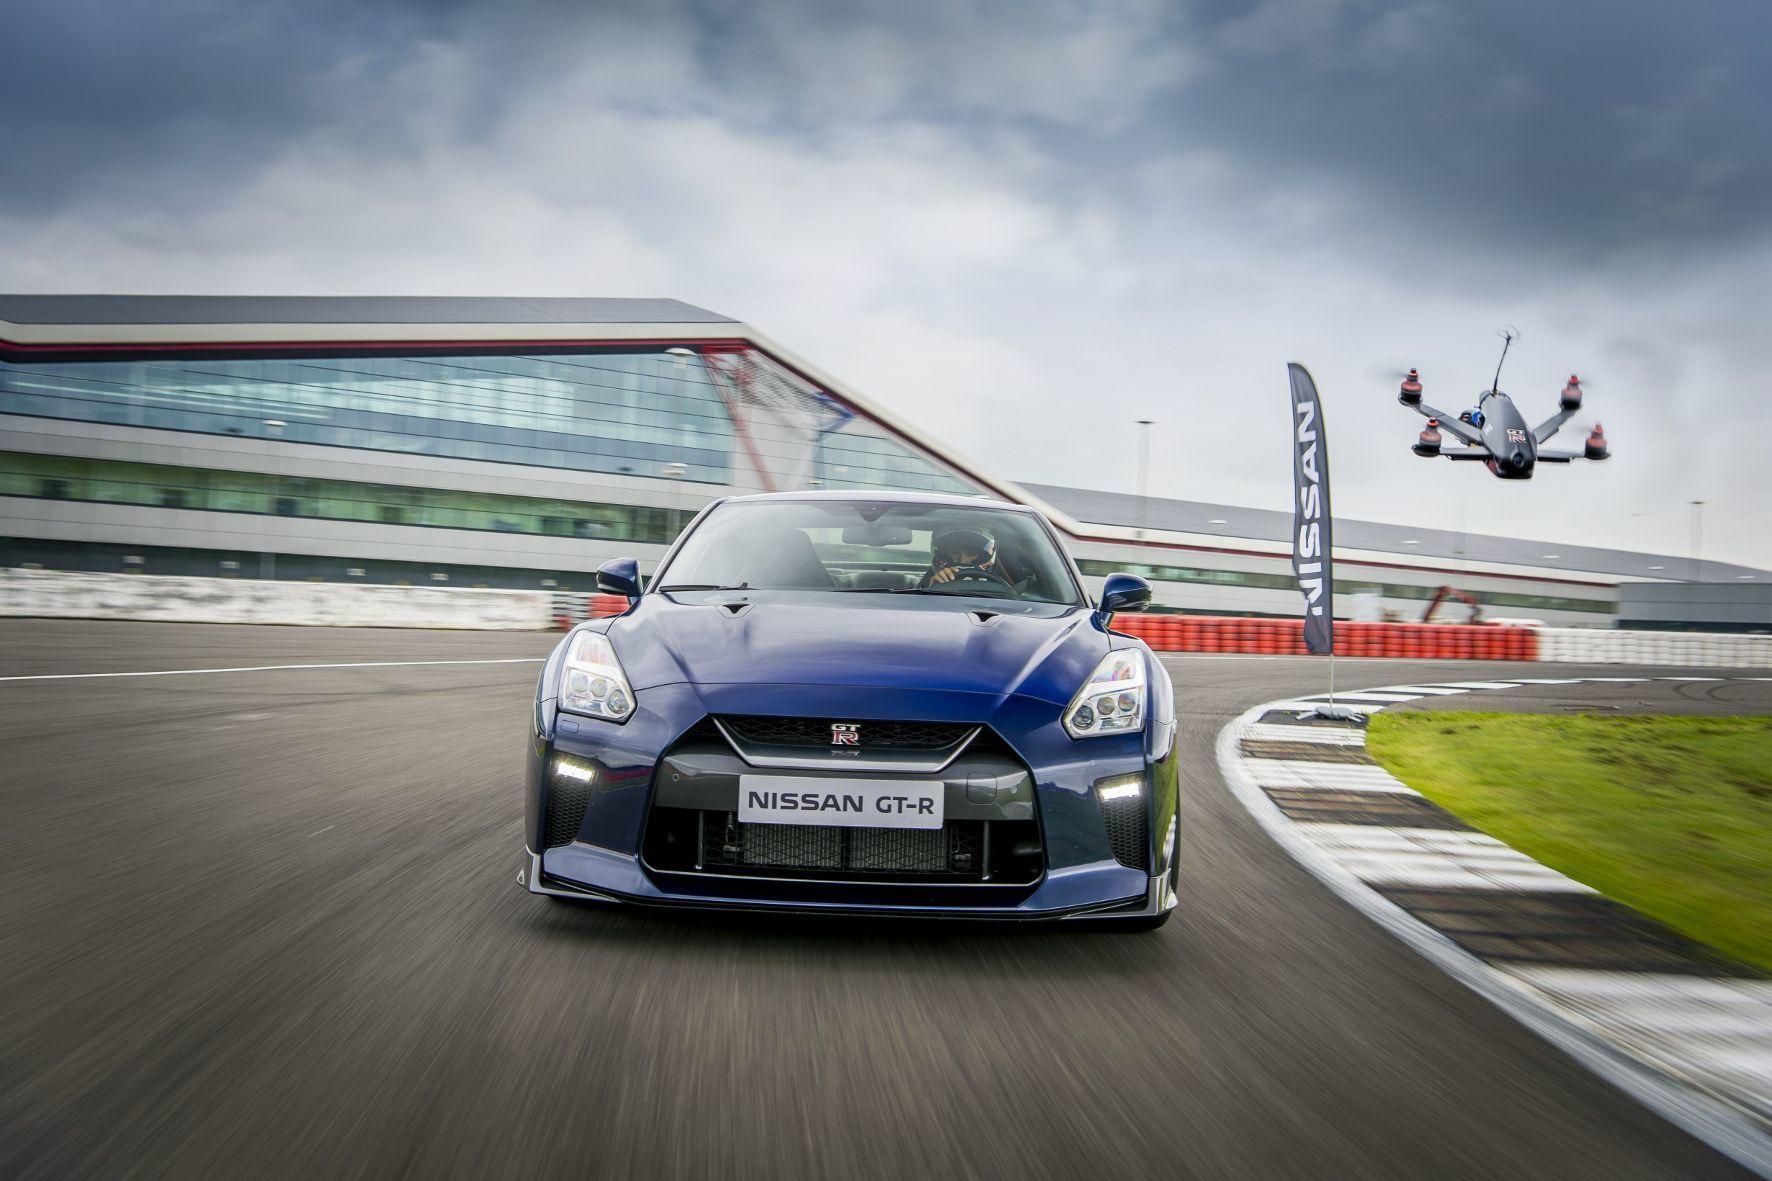 mid Groß-Gerau - Noch hat der Nissan GT-R knapp die Nase vorn. Doch mit der Renndrohne ist nicht zu spaßen. In gerade mal 1,3 Sekunden erreicht das unbemannte Flugobjekt Tempo 100 km/h.